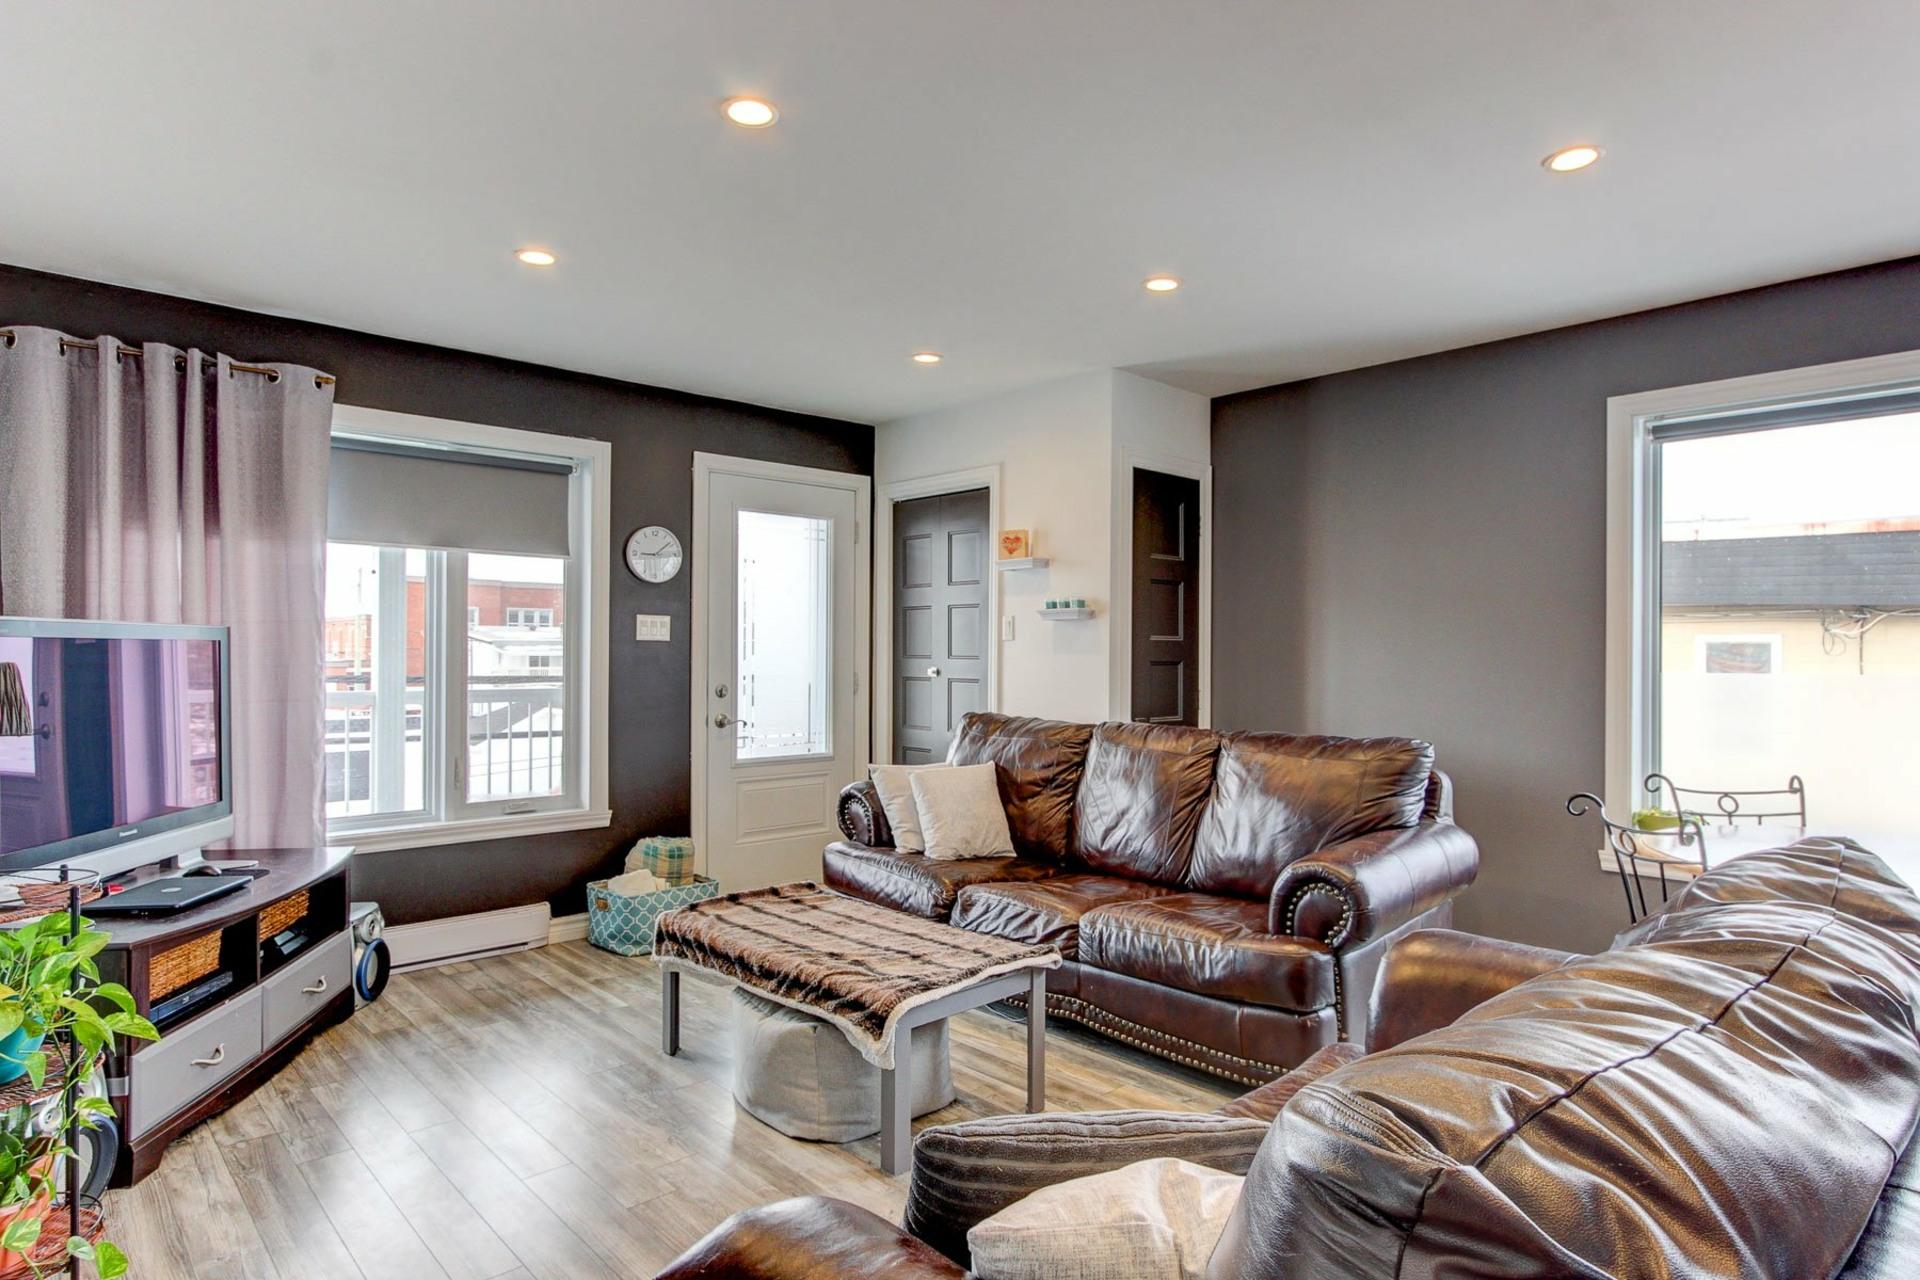 image 2 - Duplex À vendre Trois-Rivières - 8 pièces